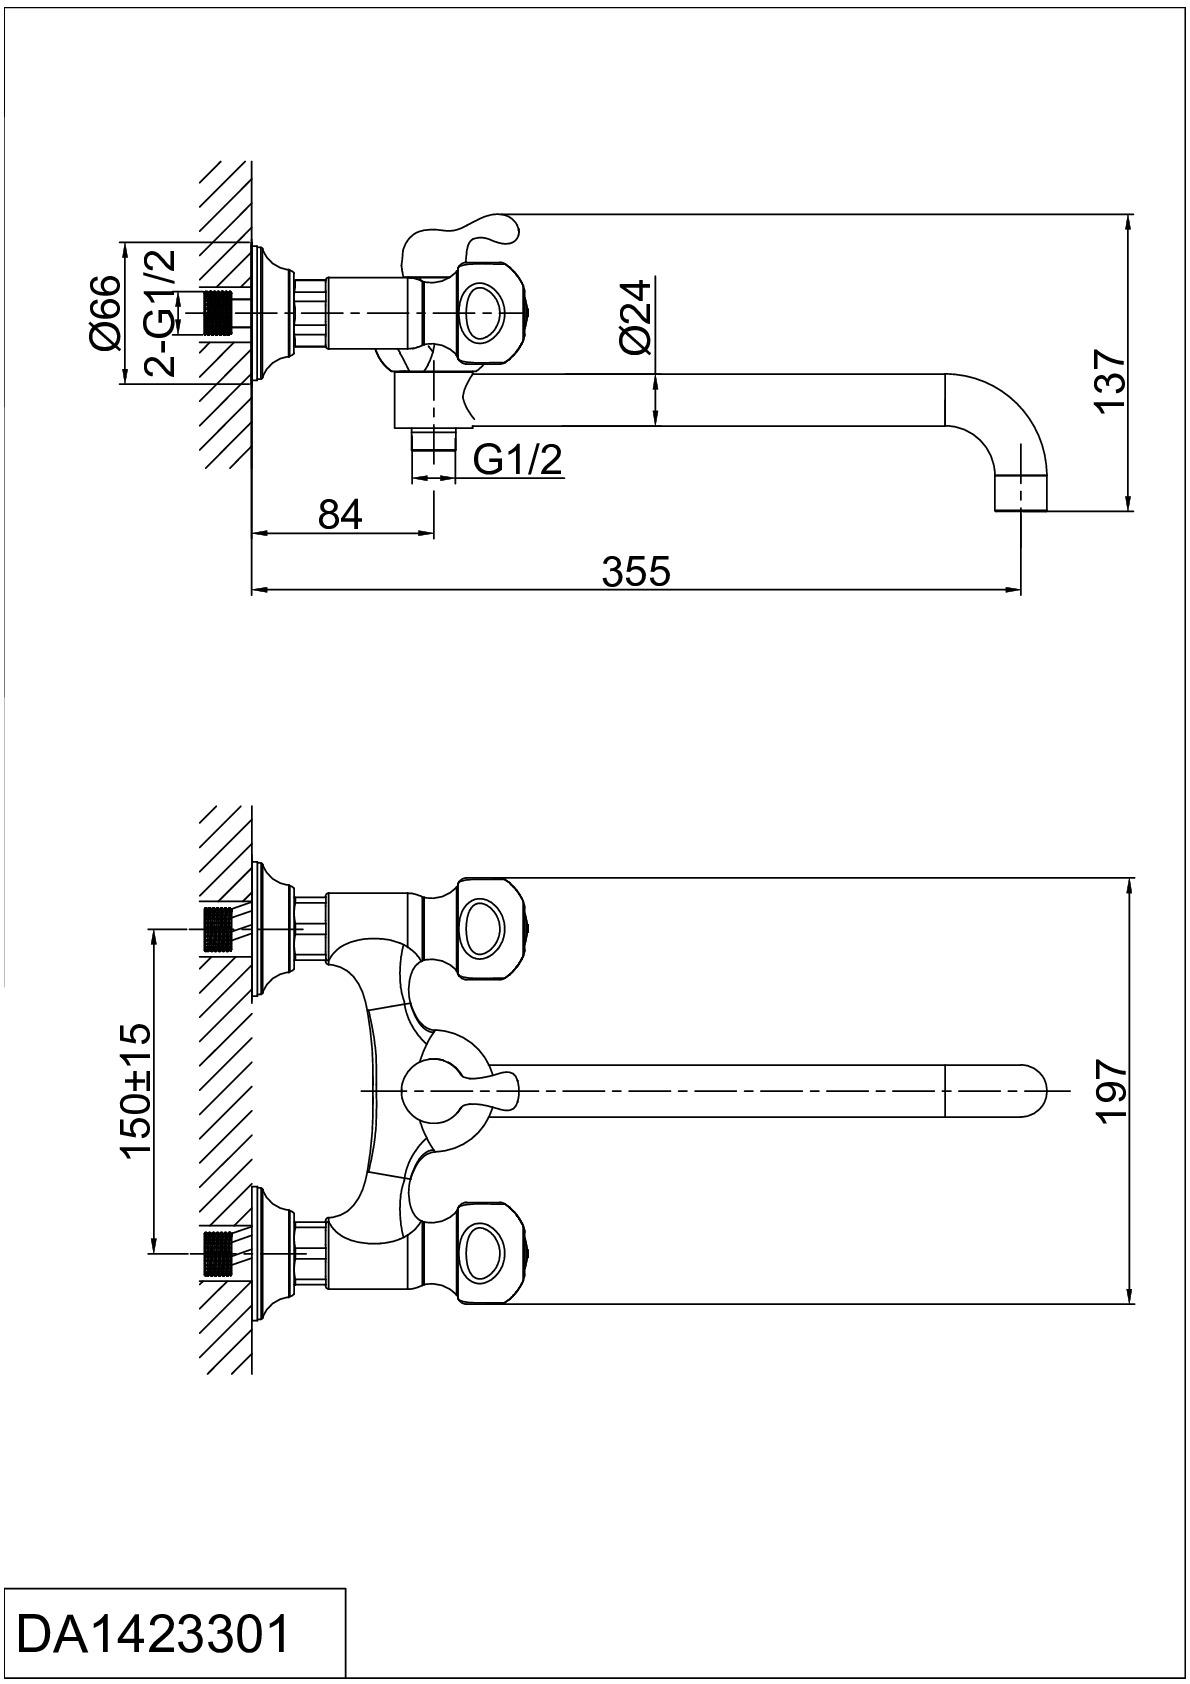 Смеситель для ванны с душем D&K Hessen.Kassel DA1423301 длинный излив хром